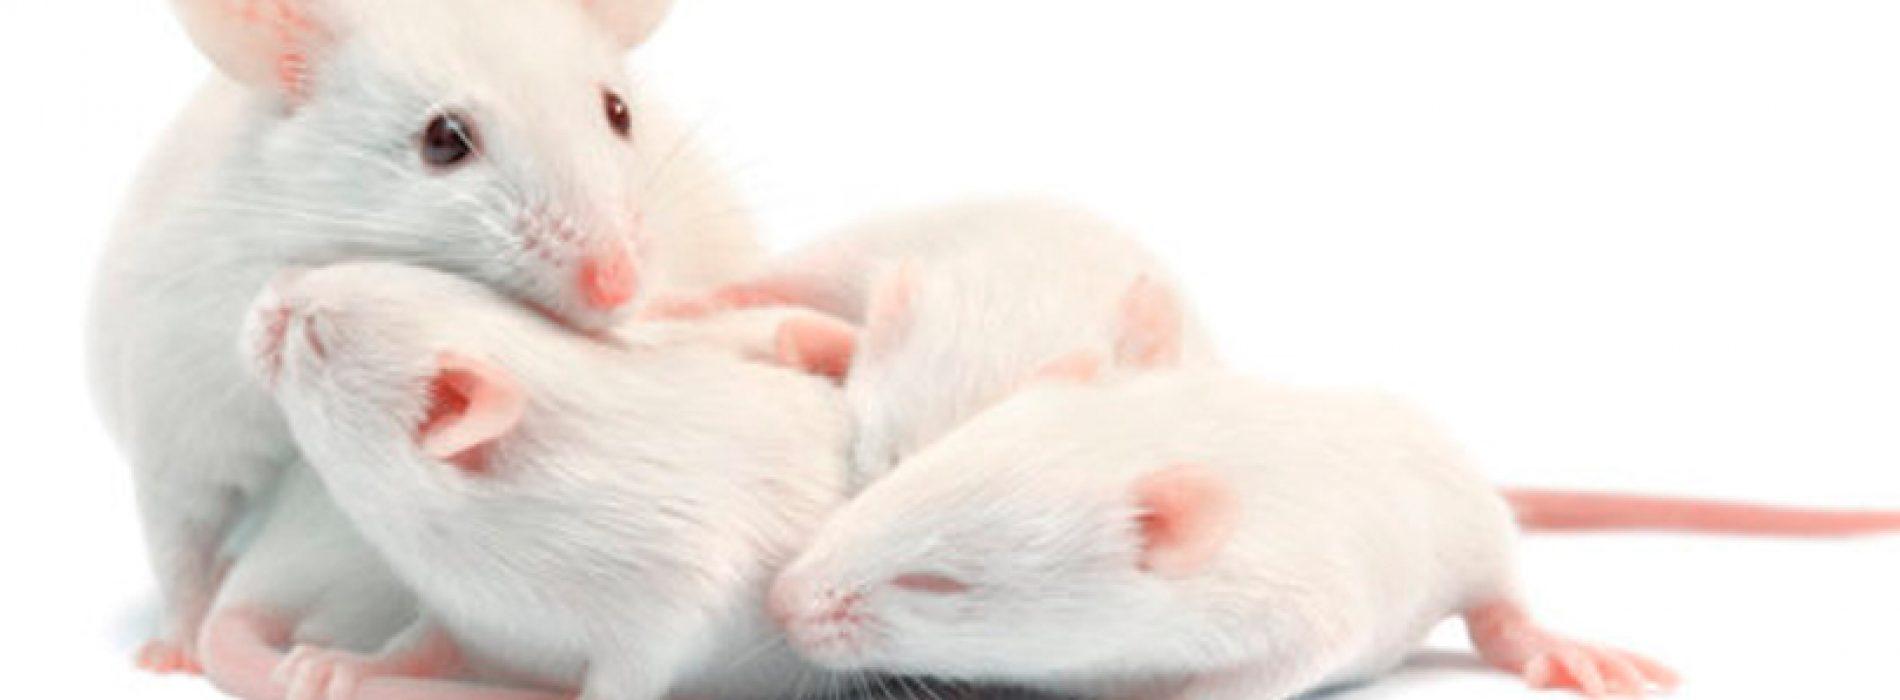 Científicos encuentran pista sobre el instinto maternal